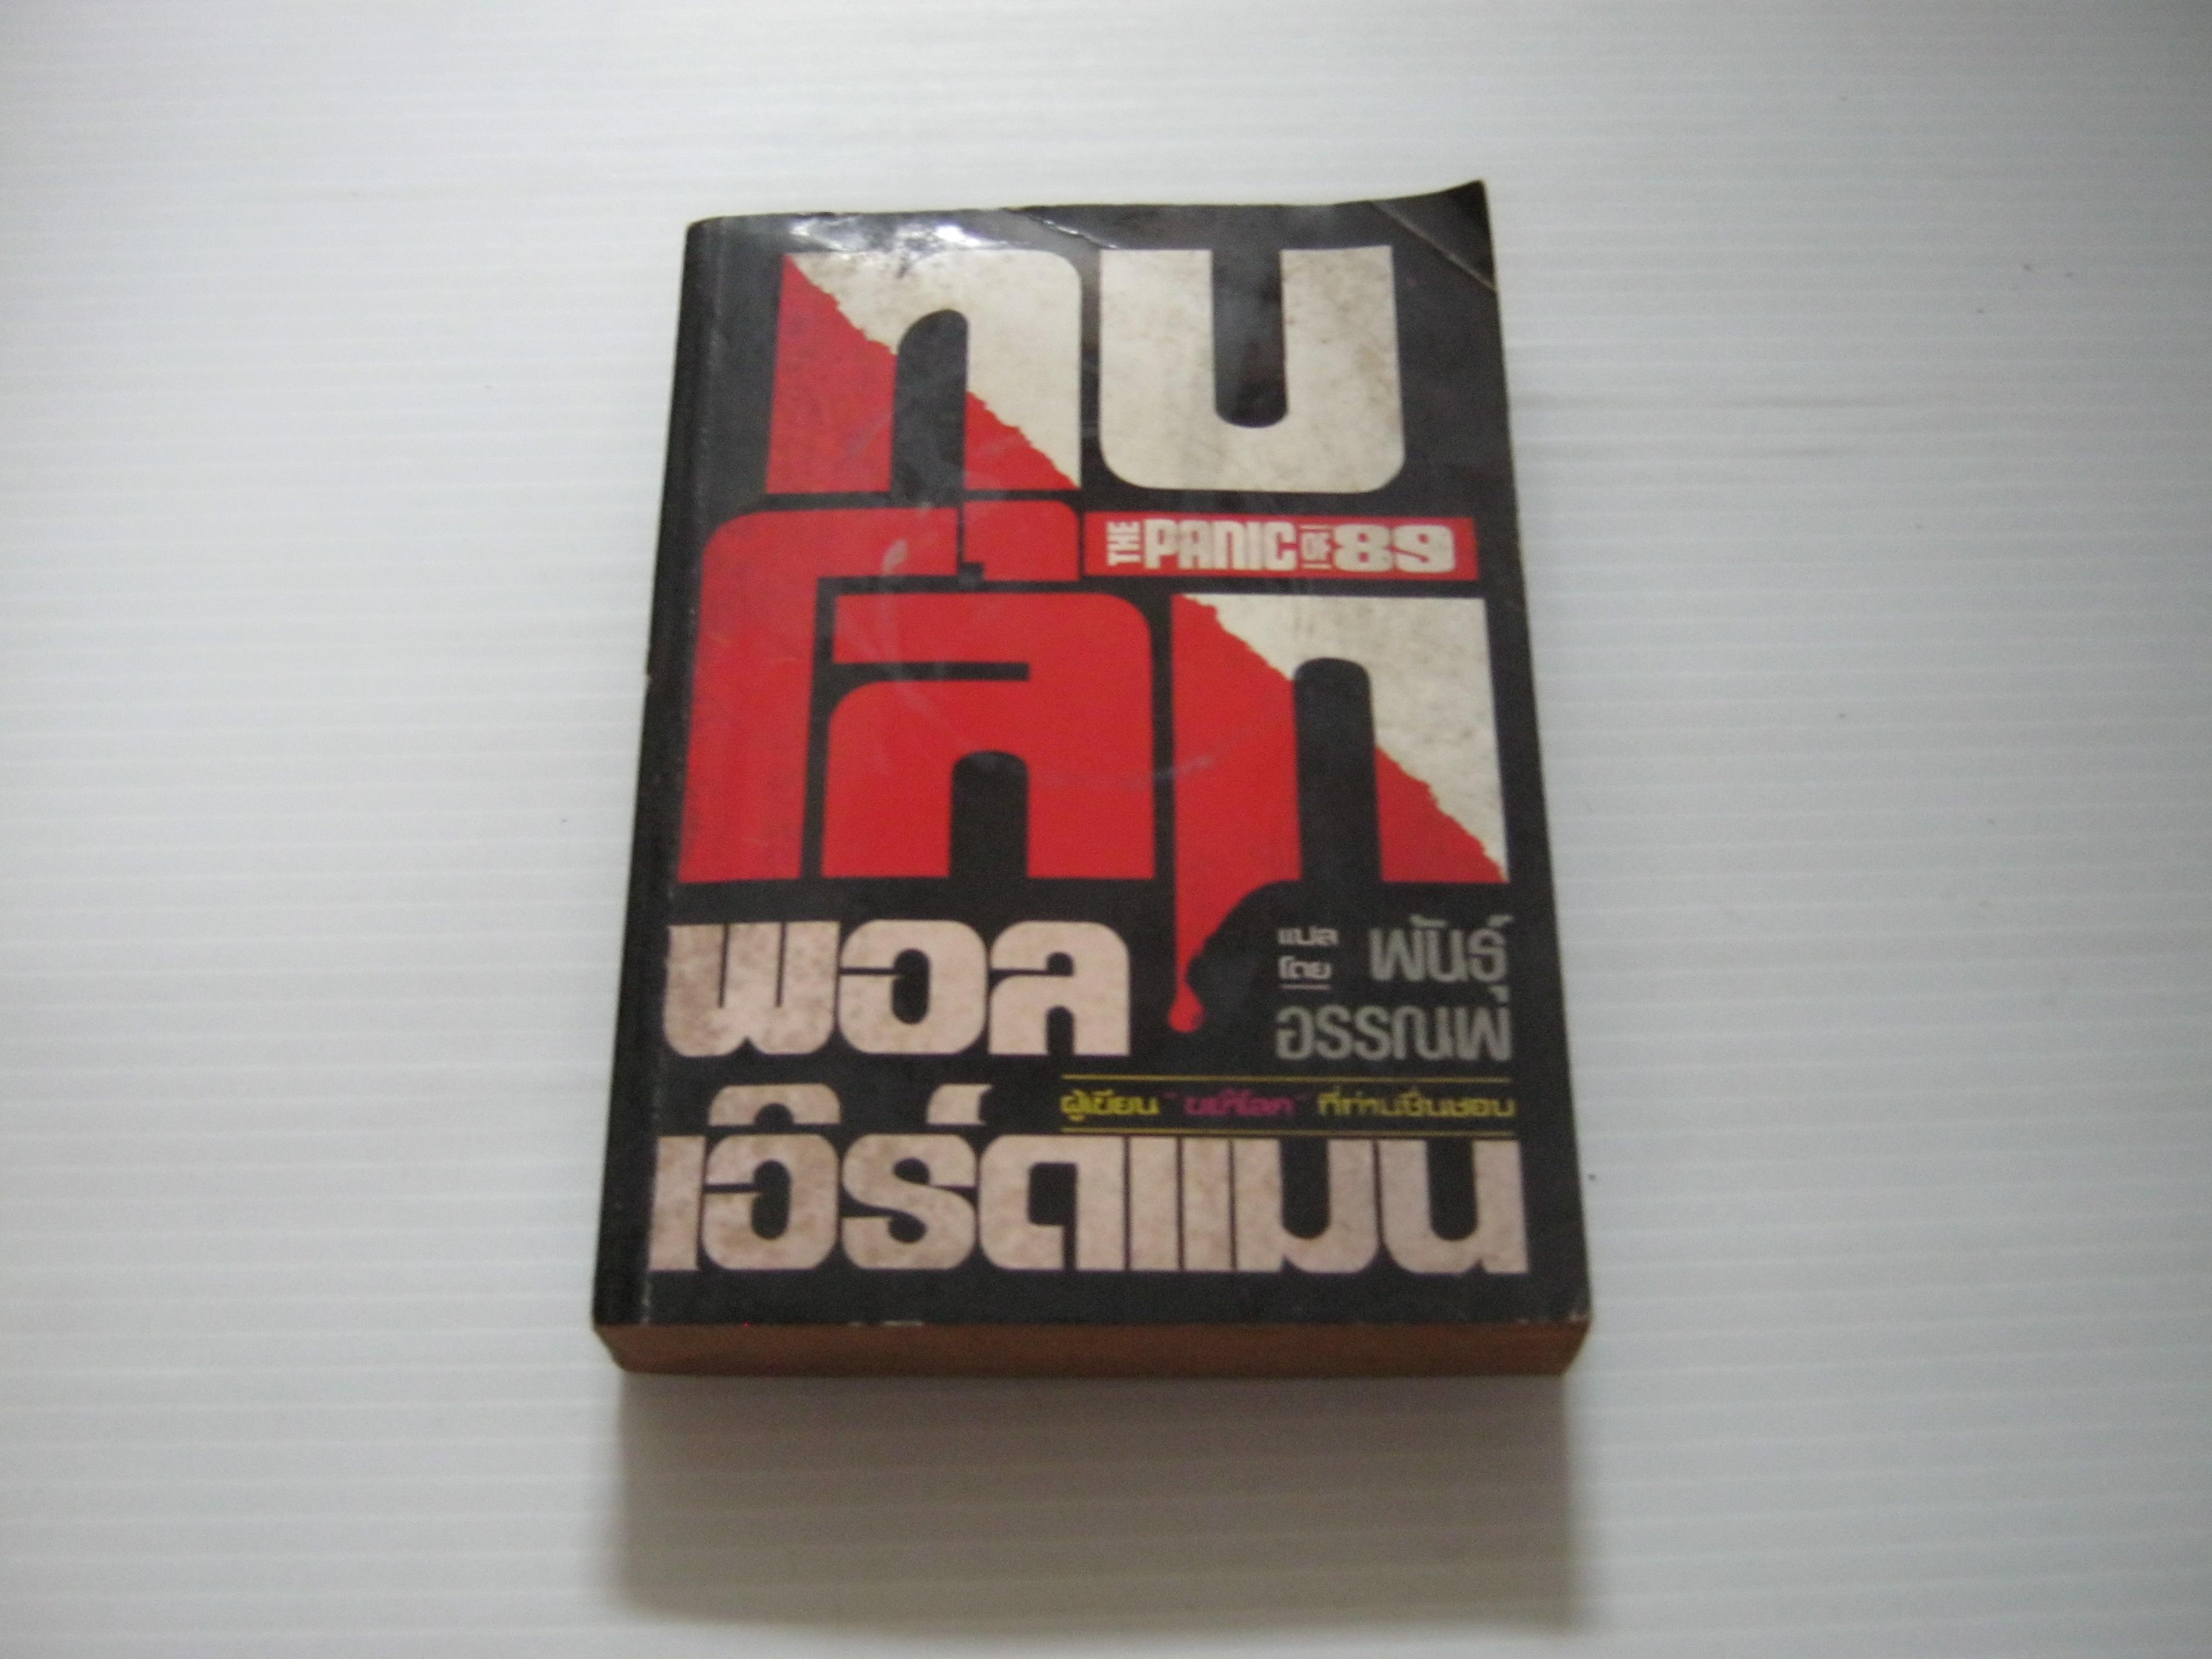 ทุบโลก (The Panic of 89) พอล เอิร์ดแมน เขียน พันธุ์ อรรณพ แปล